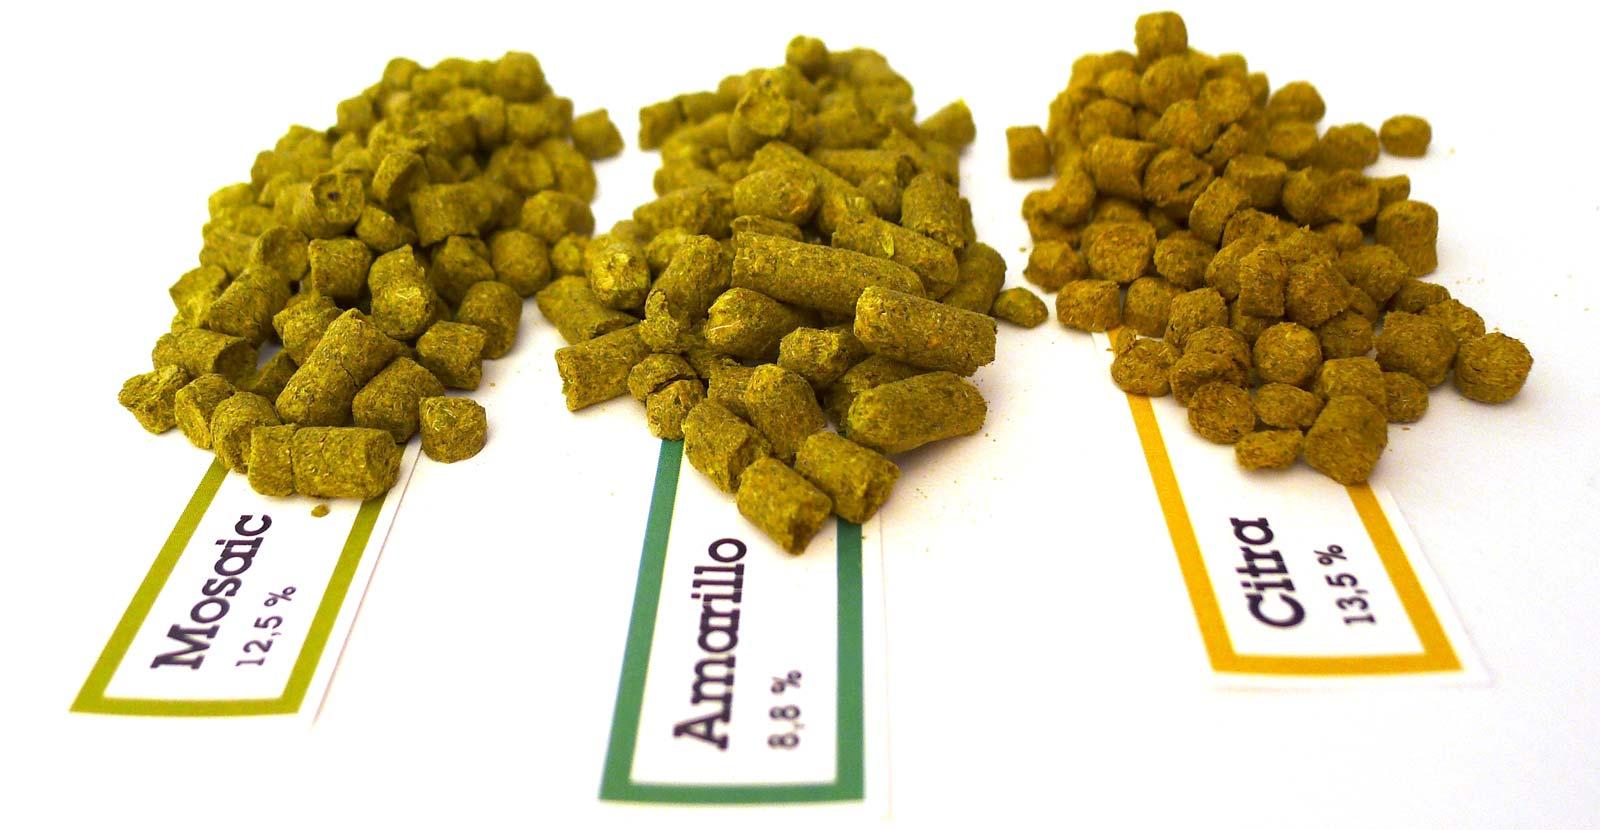 neipa-rezept-hopfen-mosaic-amarillo-citra_3